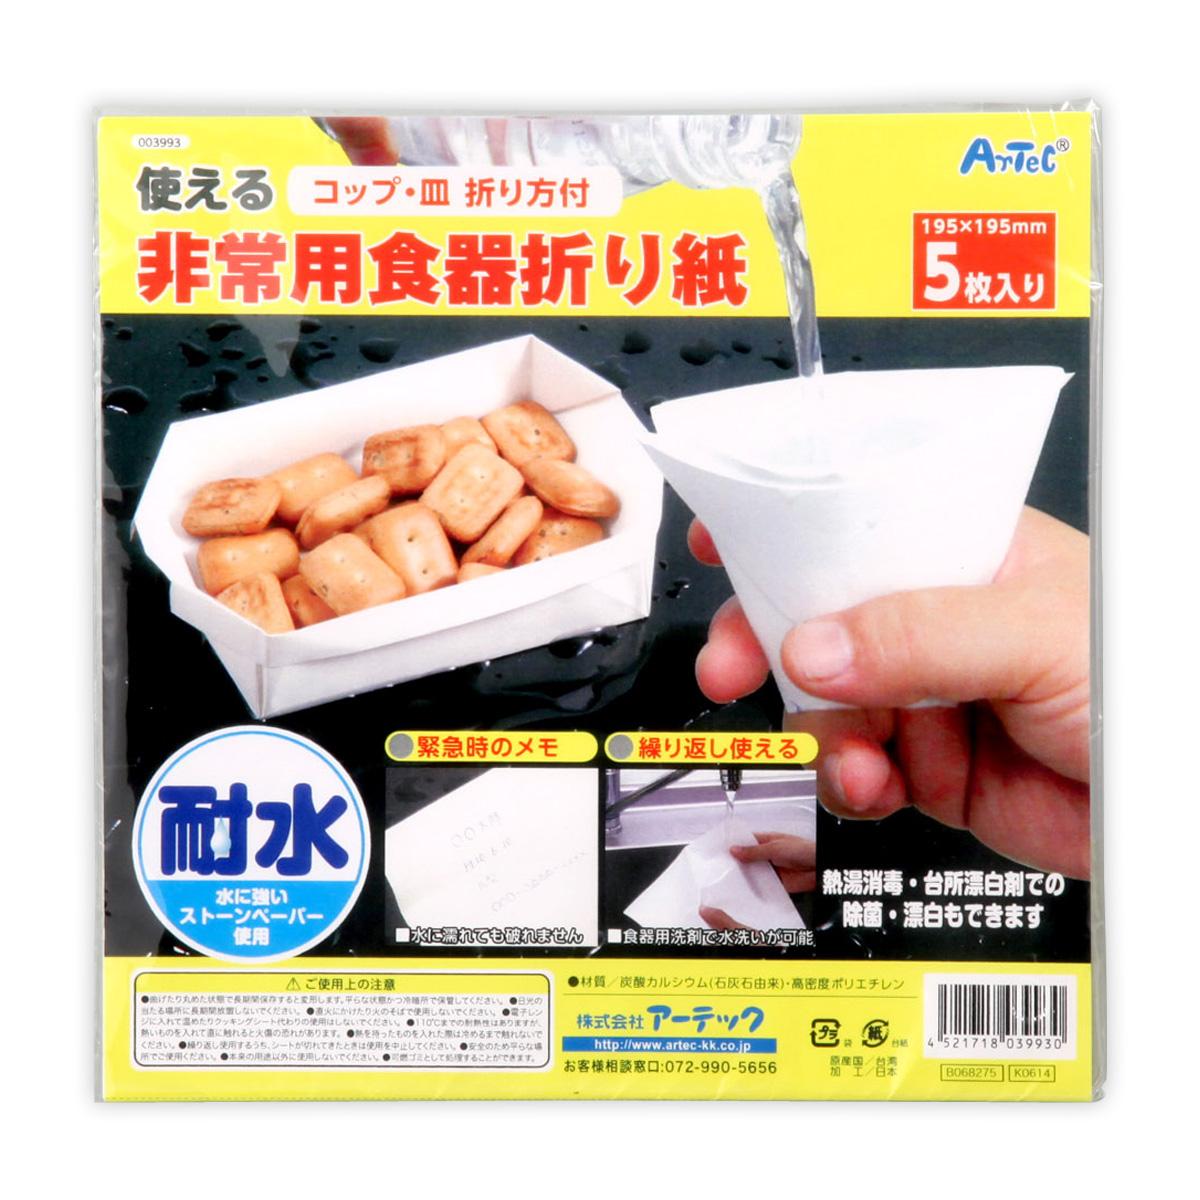 防犯 防災グッズ 非常用食器折り紙 非常時 コップ メモ 長皿 エコ 繰り返し使える クリスマスプレゼント